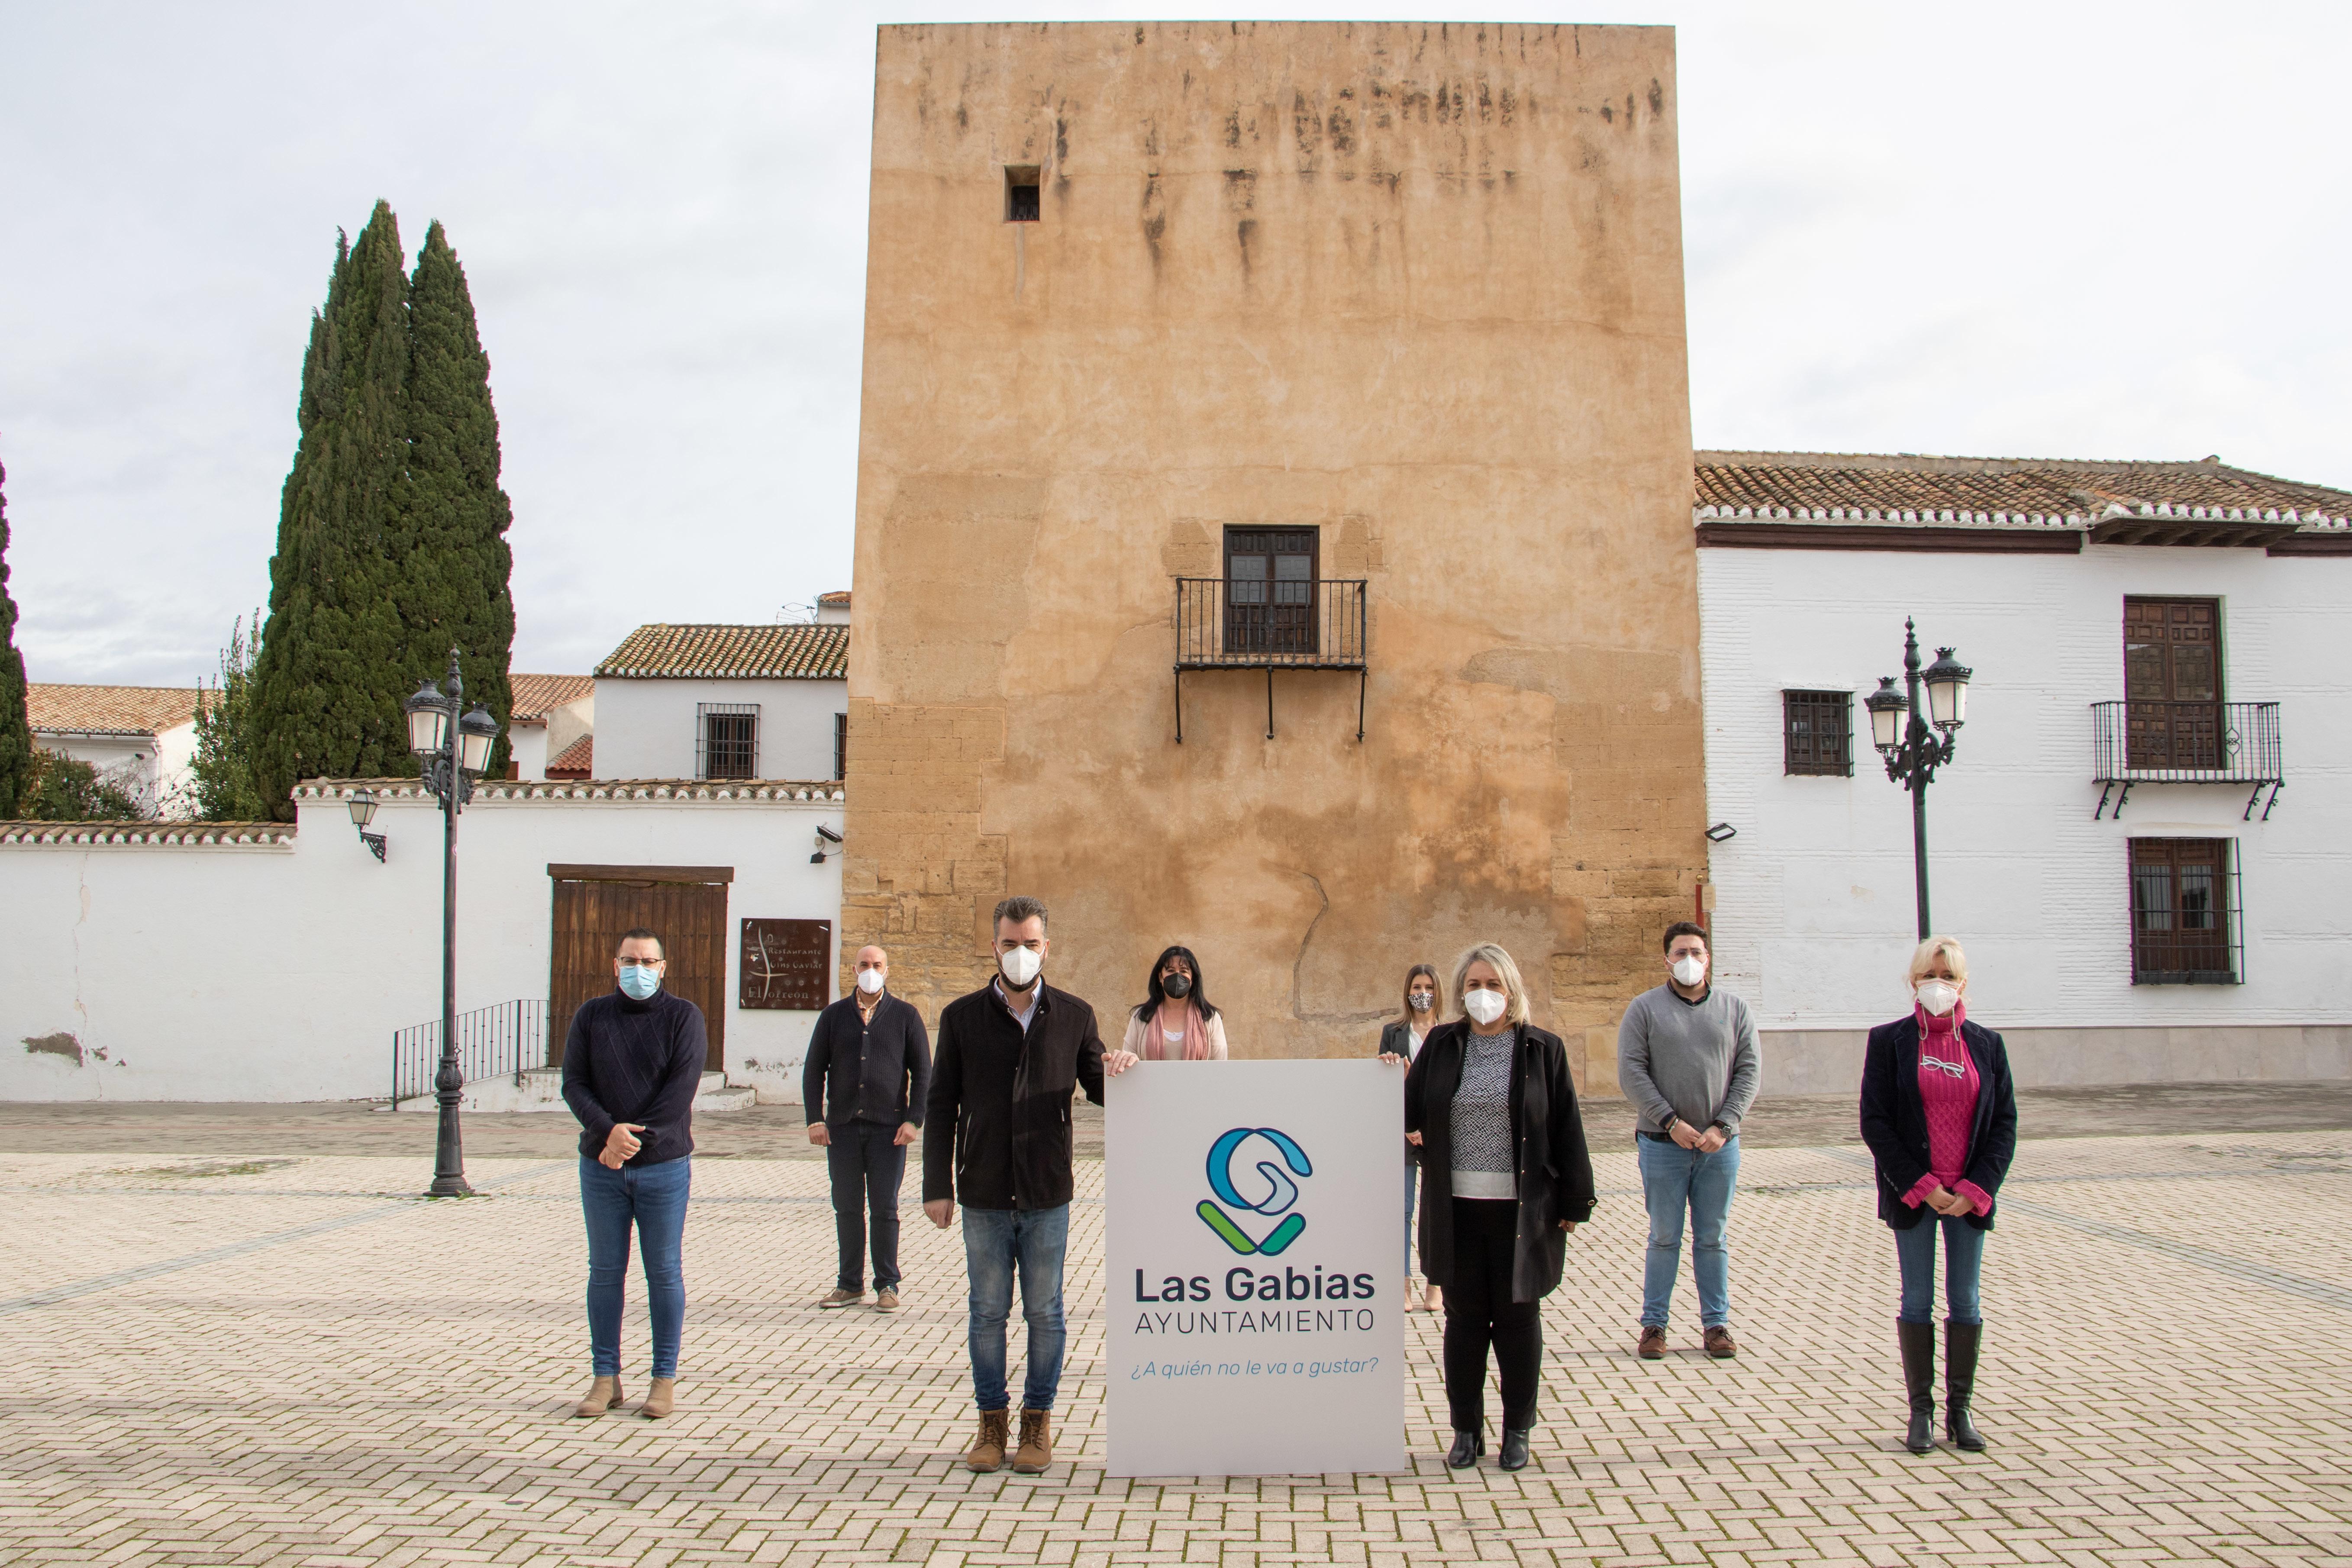 El Ayuntamiento de Las Gabias presenta un nuevo logotipo como imagen de marca